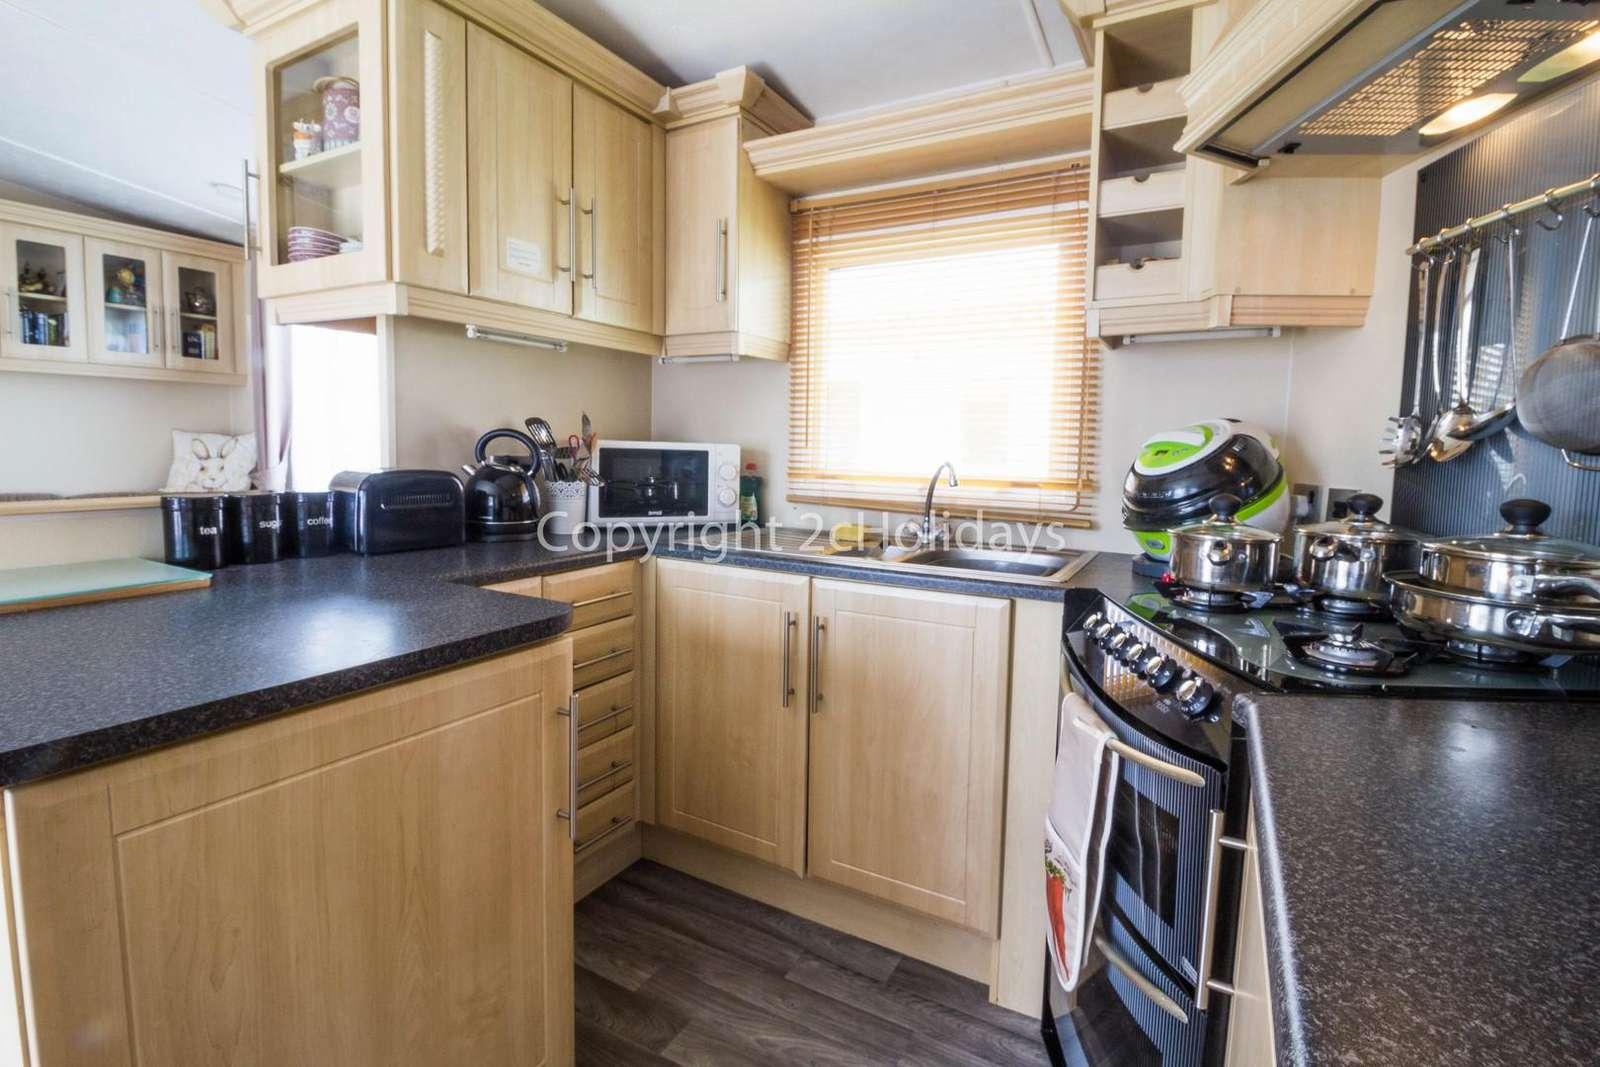 Coastal accommodation is Norfolk